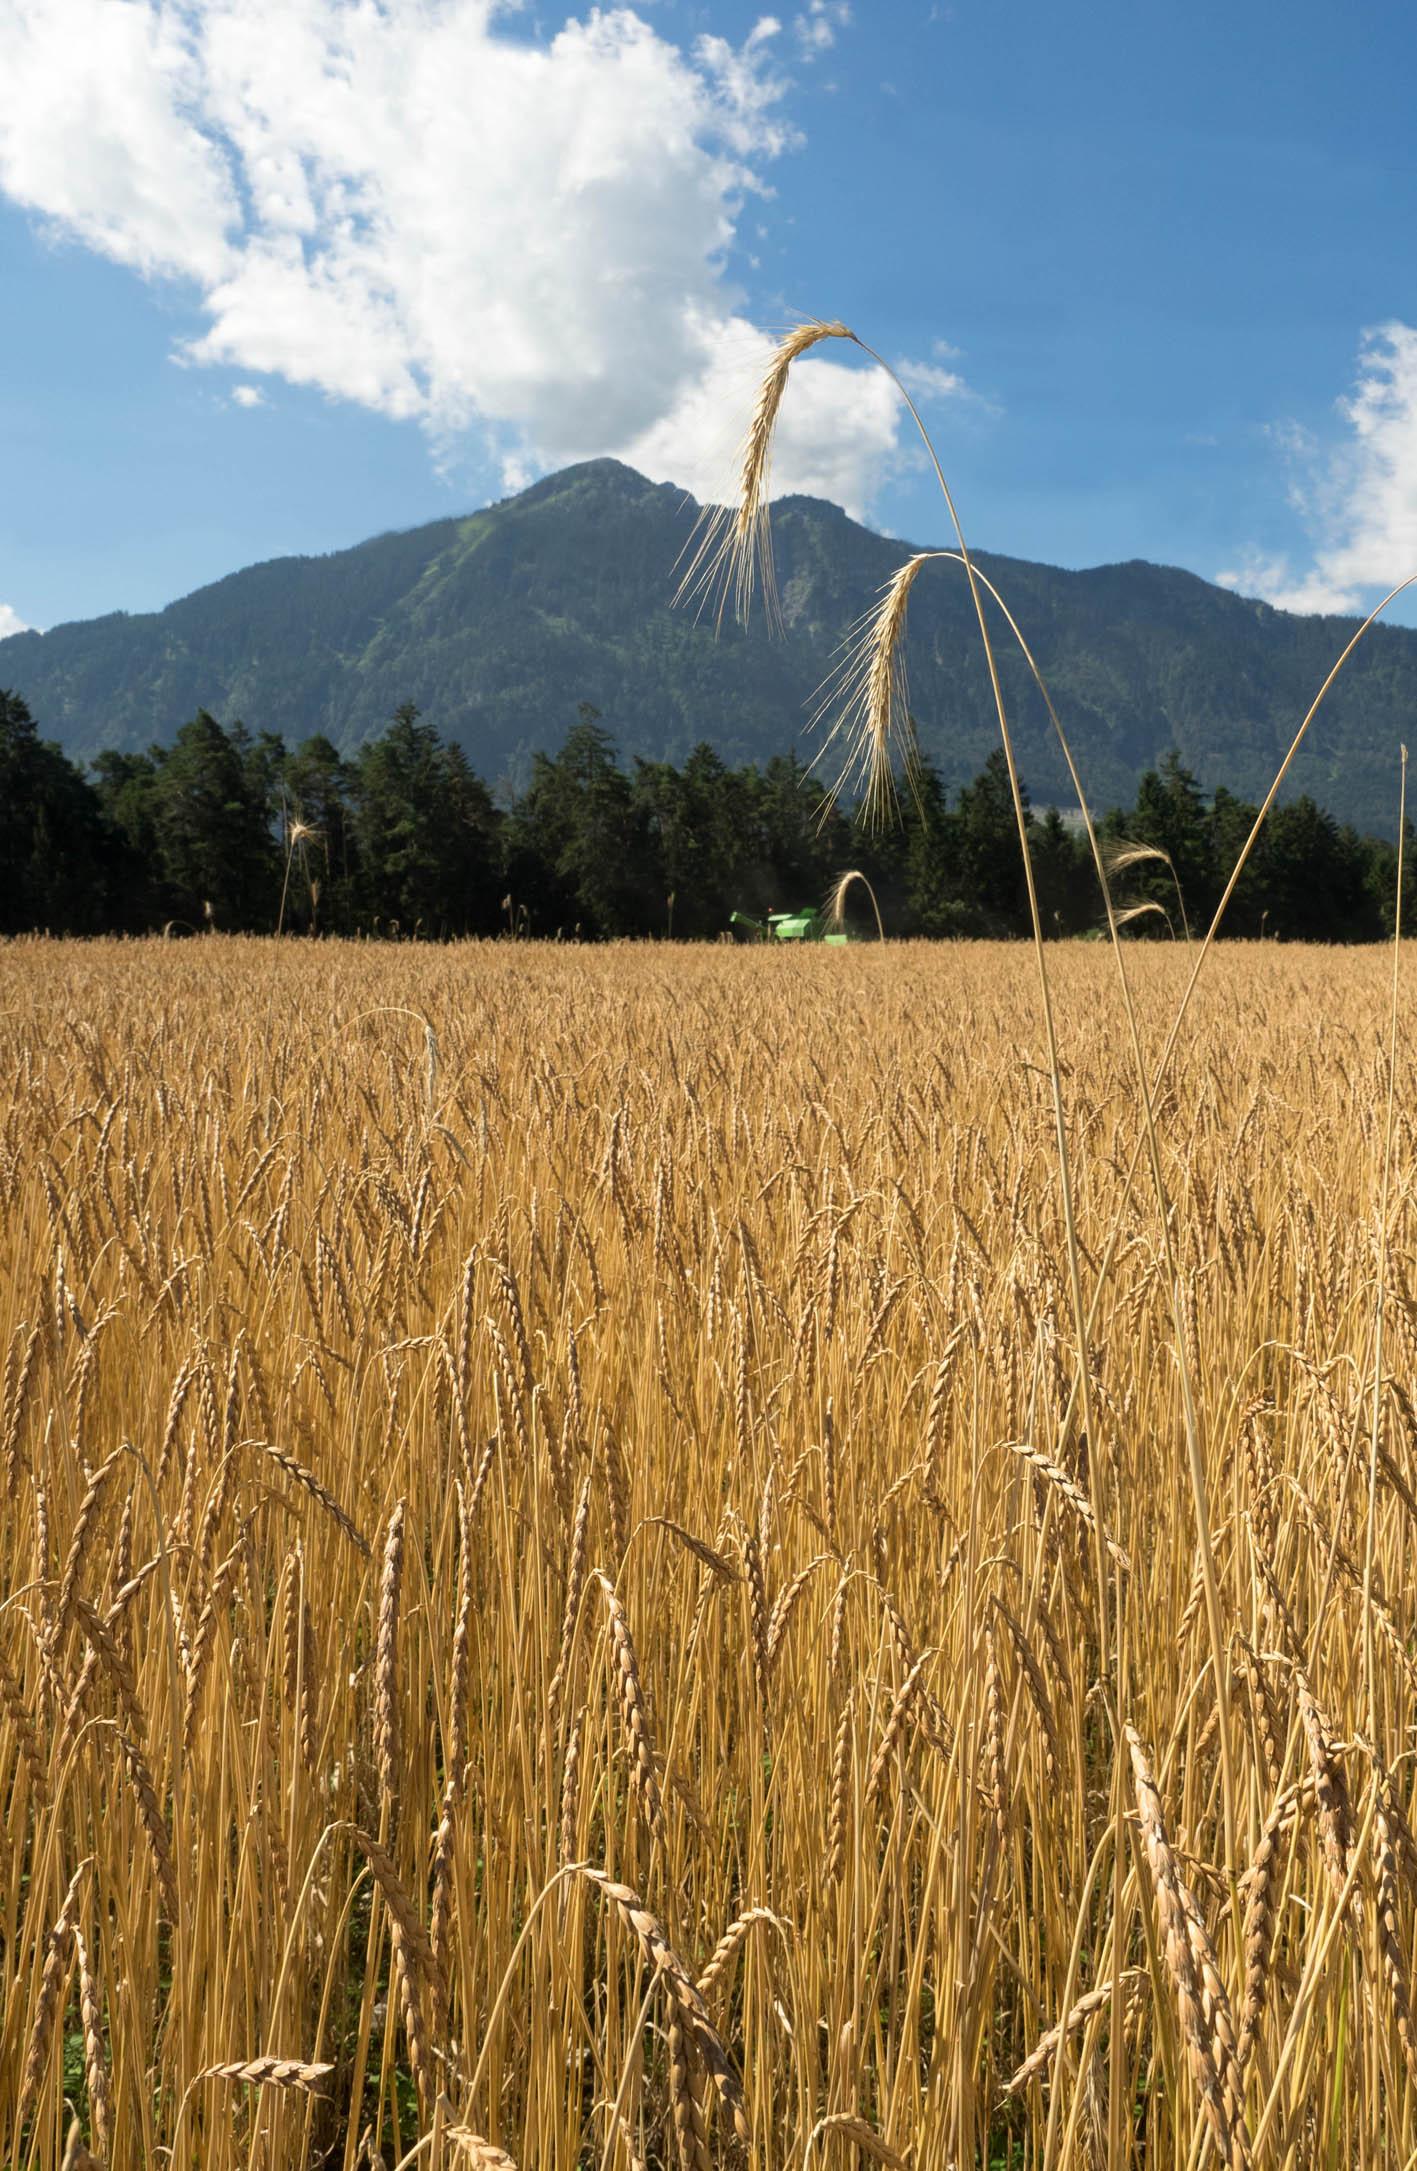 Ist das Getreide richtig trocken, muss sofort geerntet werden. Sohn Fabian hilft hier in Thüringen auf dem Feld von Andreas Tschann mit dem Mähdrescher aus.